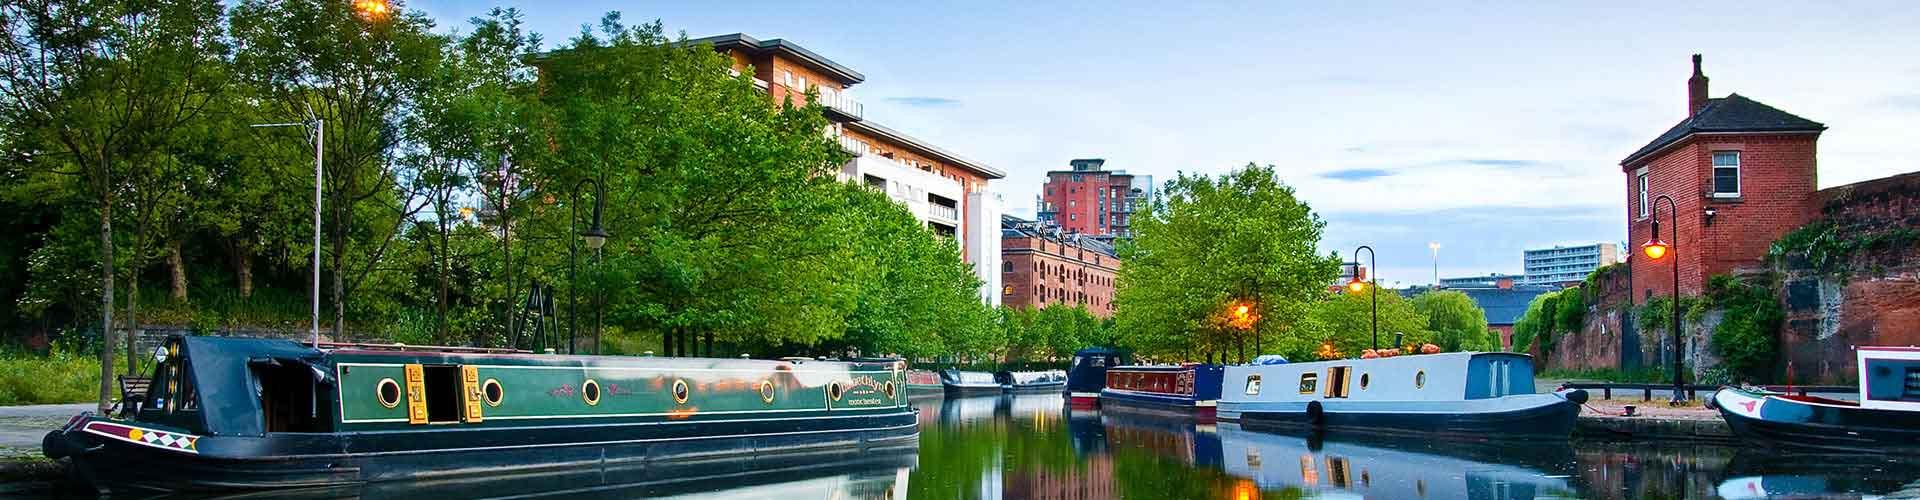 Manchester - Zimmer nahe Stadtzentrum. Manchester auf der Karte. Fotos und Bewertungen für jedes Zimmer in Manchester.